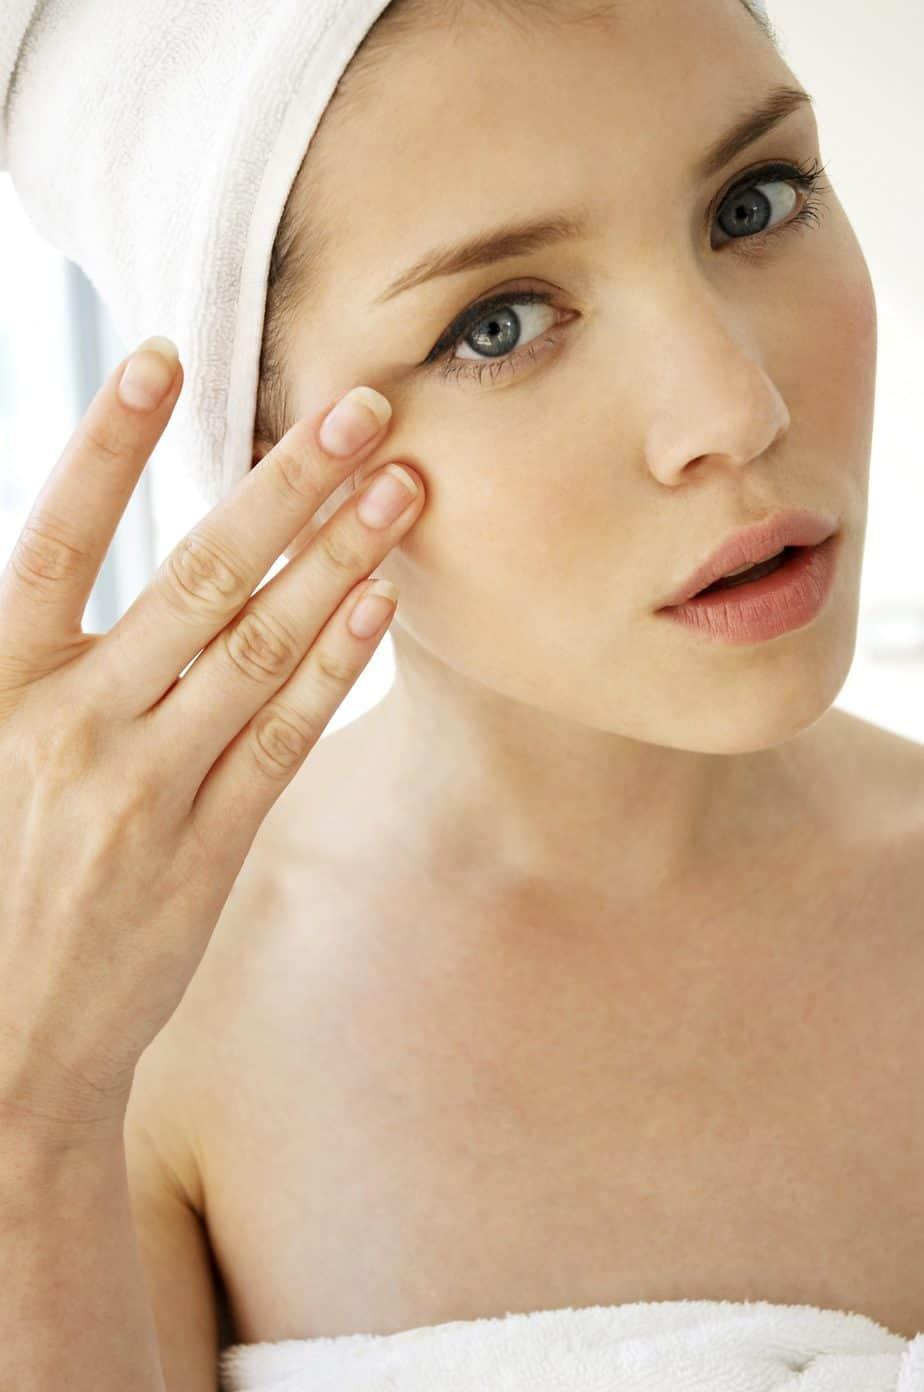 collagen to brighten eyes